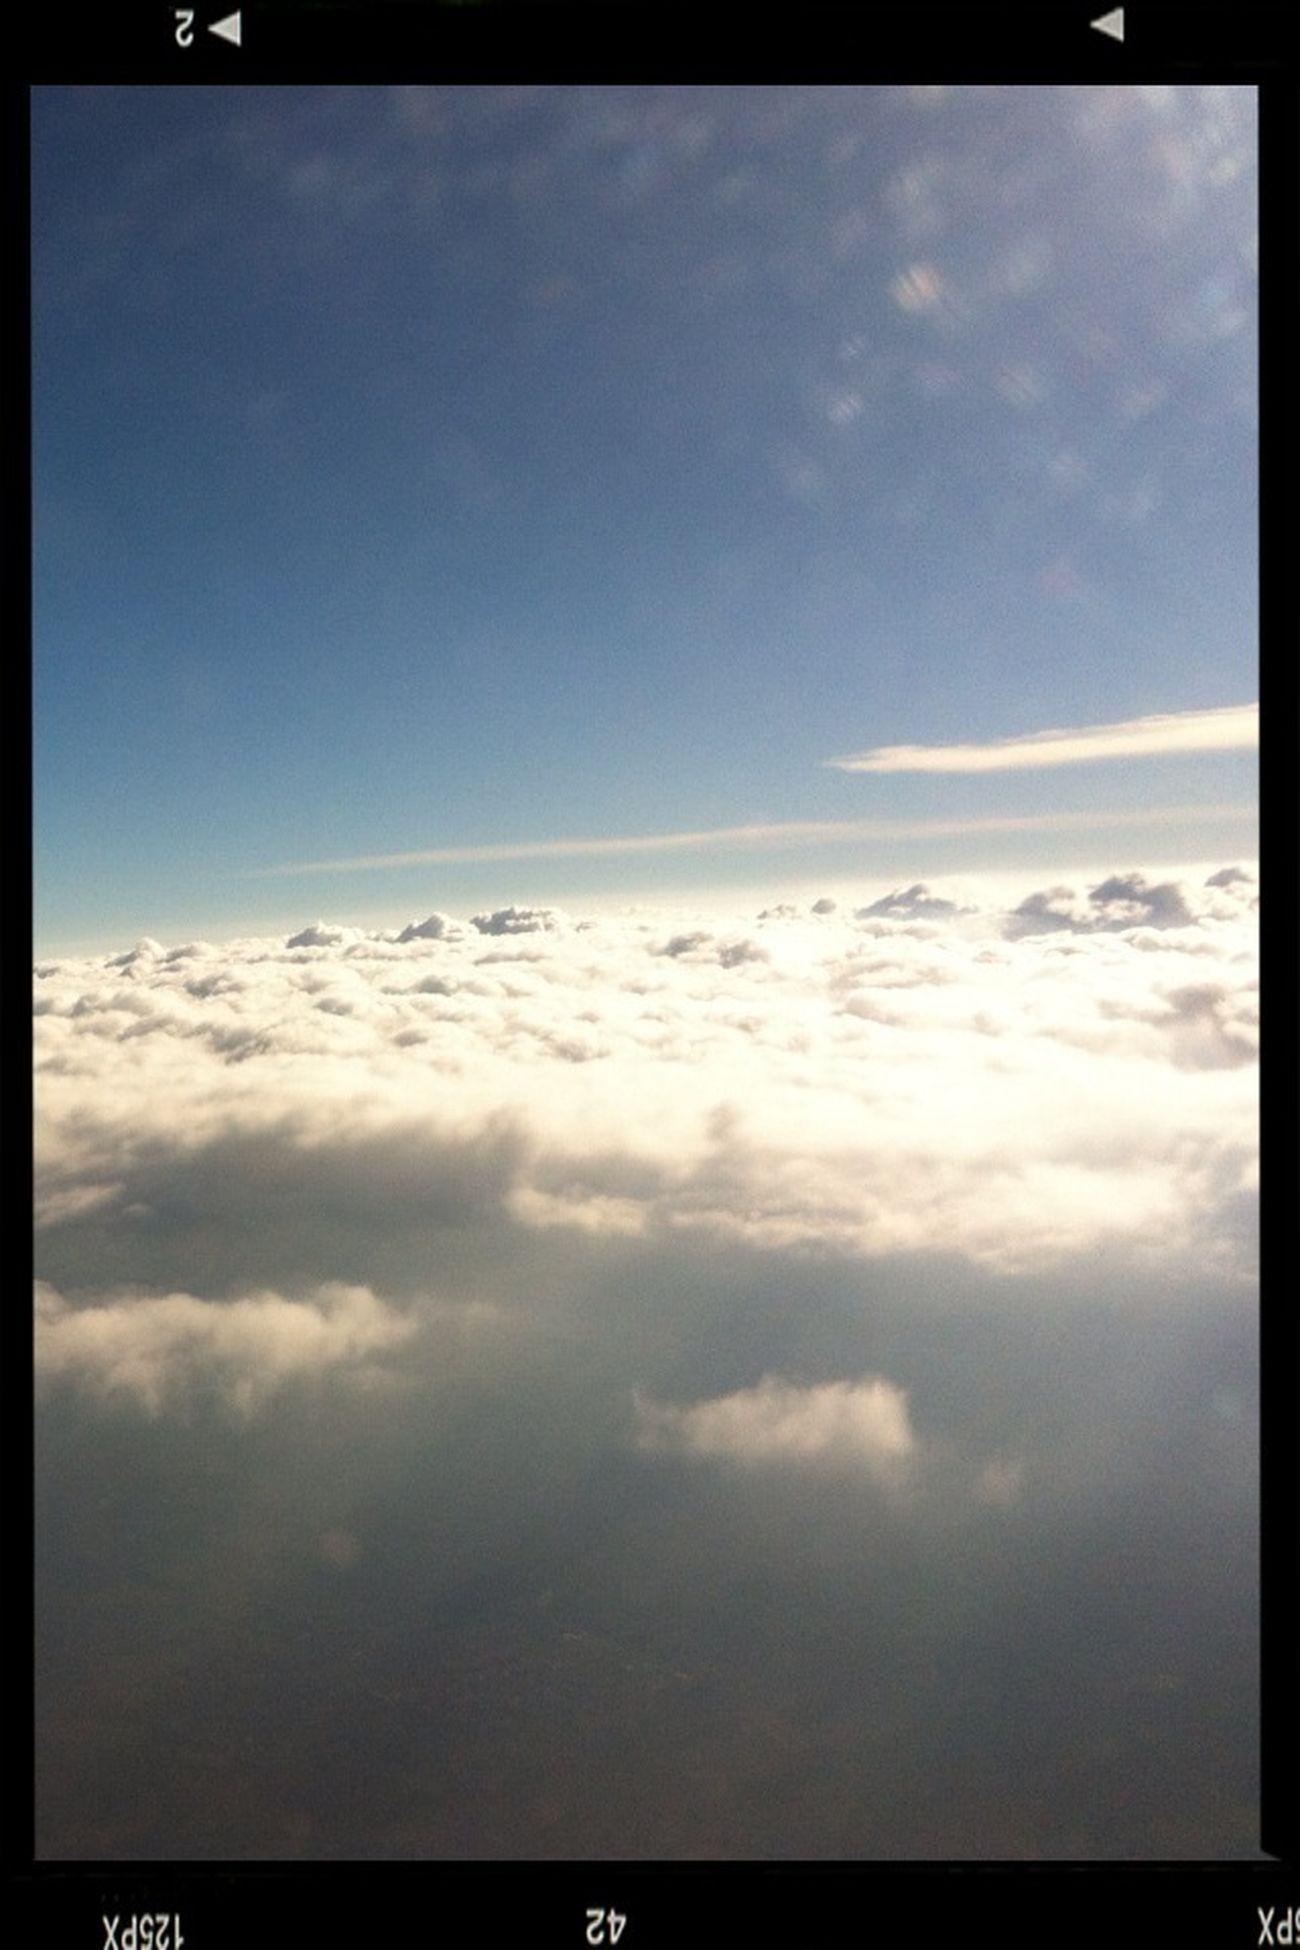 .... Clouds